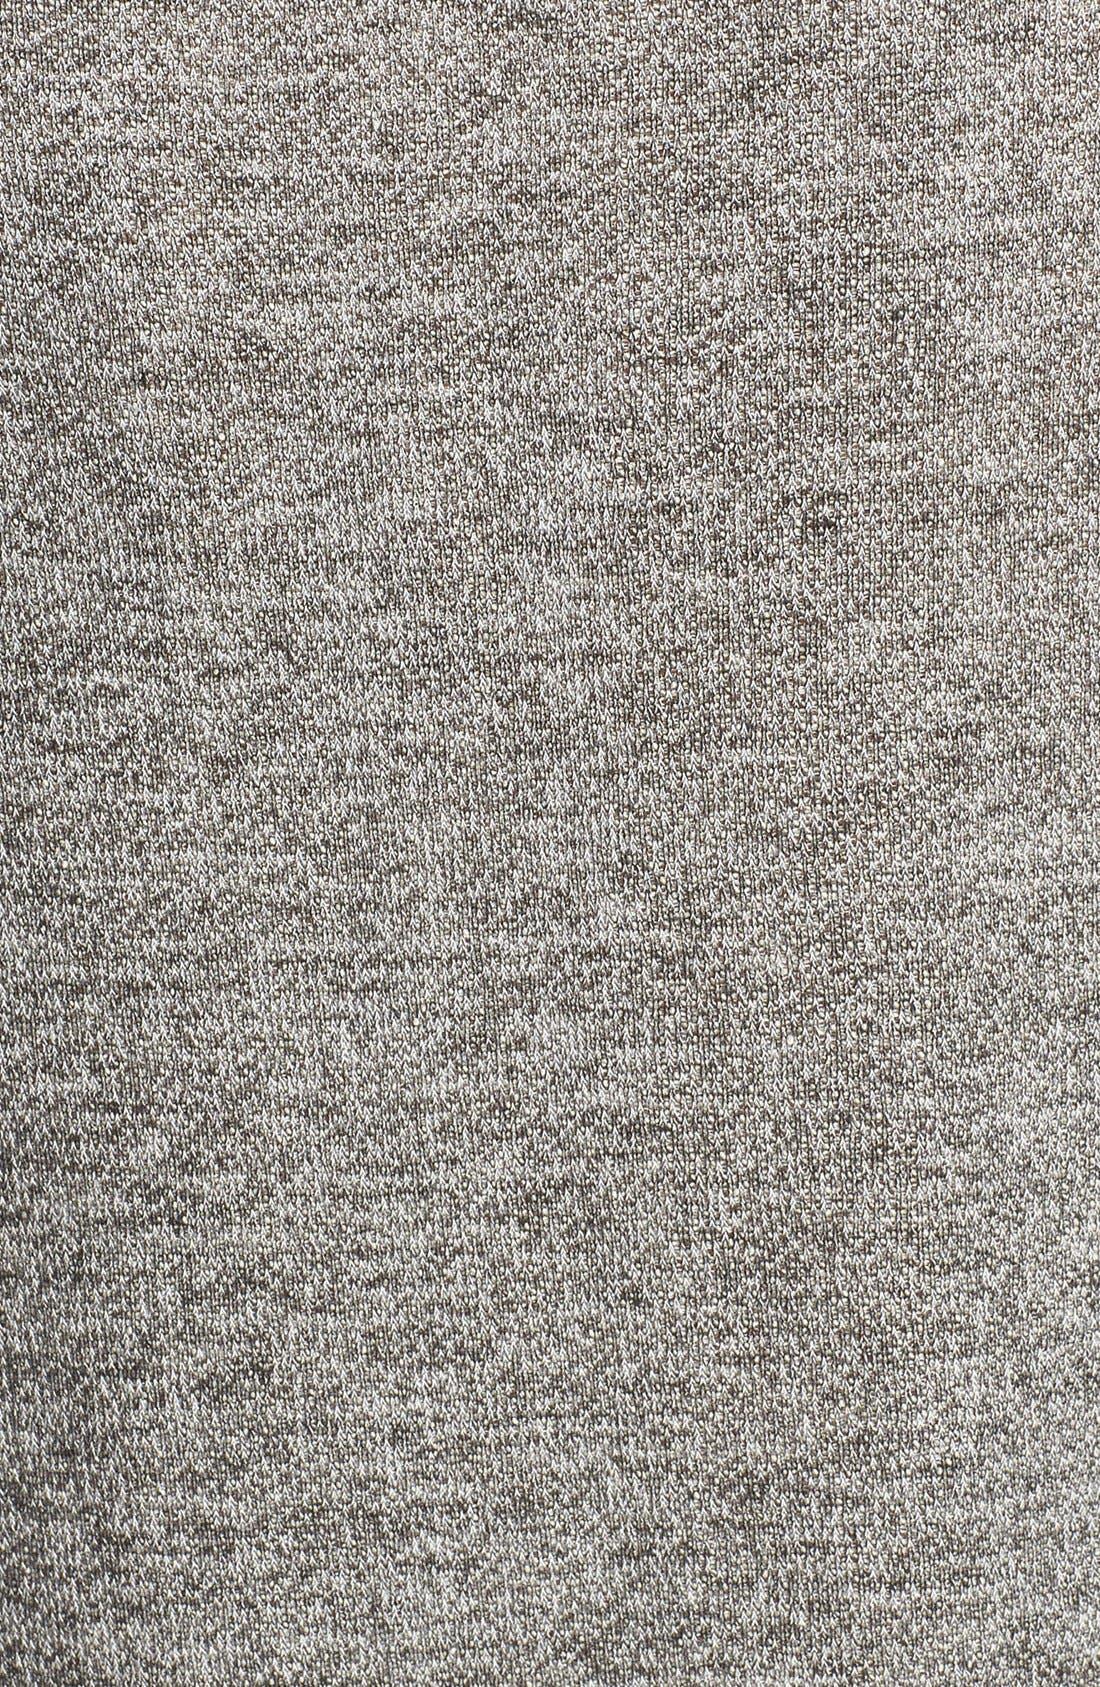 Alternate Image 3  - Piper 'Cedar' Drawstring Fleece Pullover